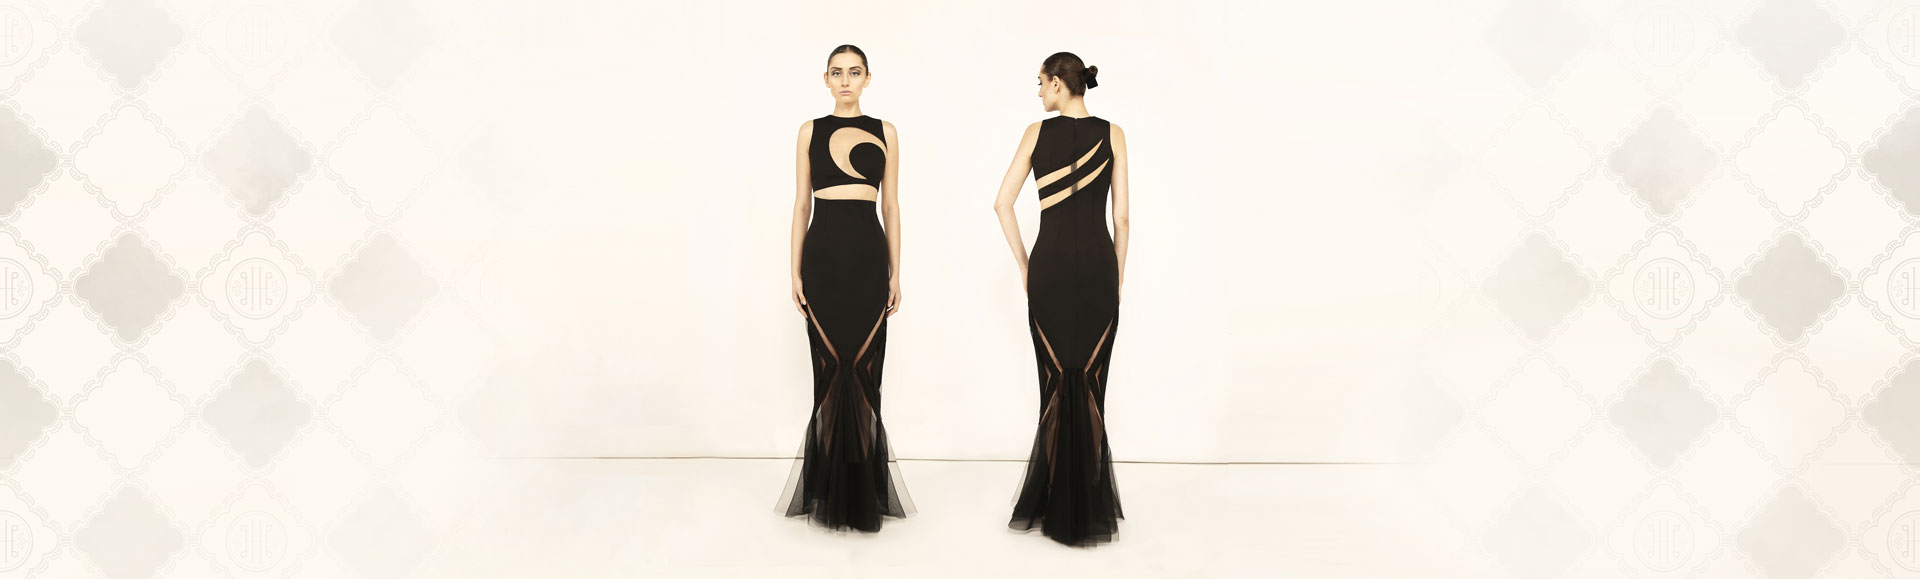 black-ballerina-dress-1-web3.jpg